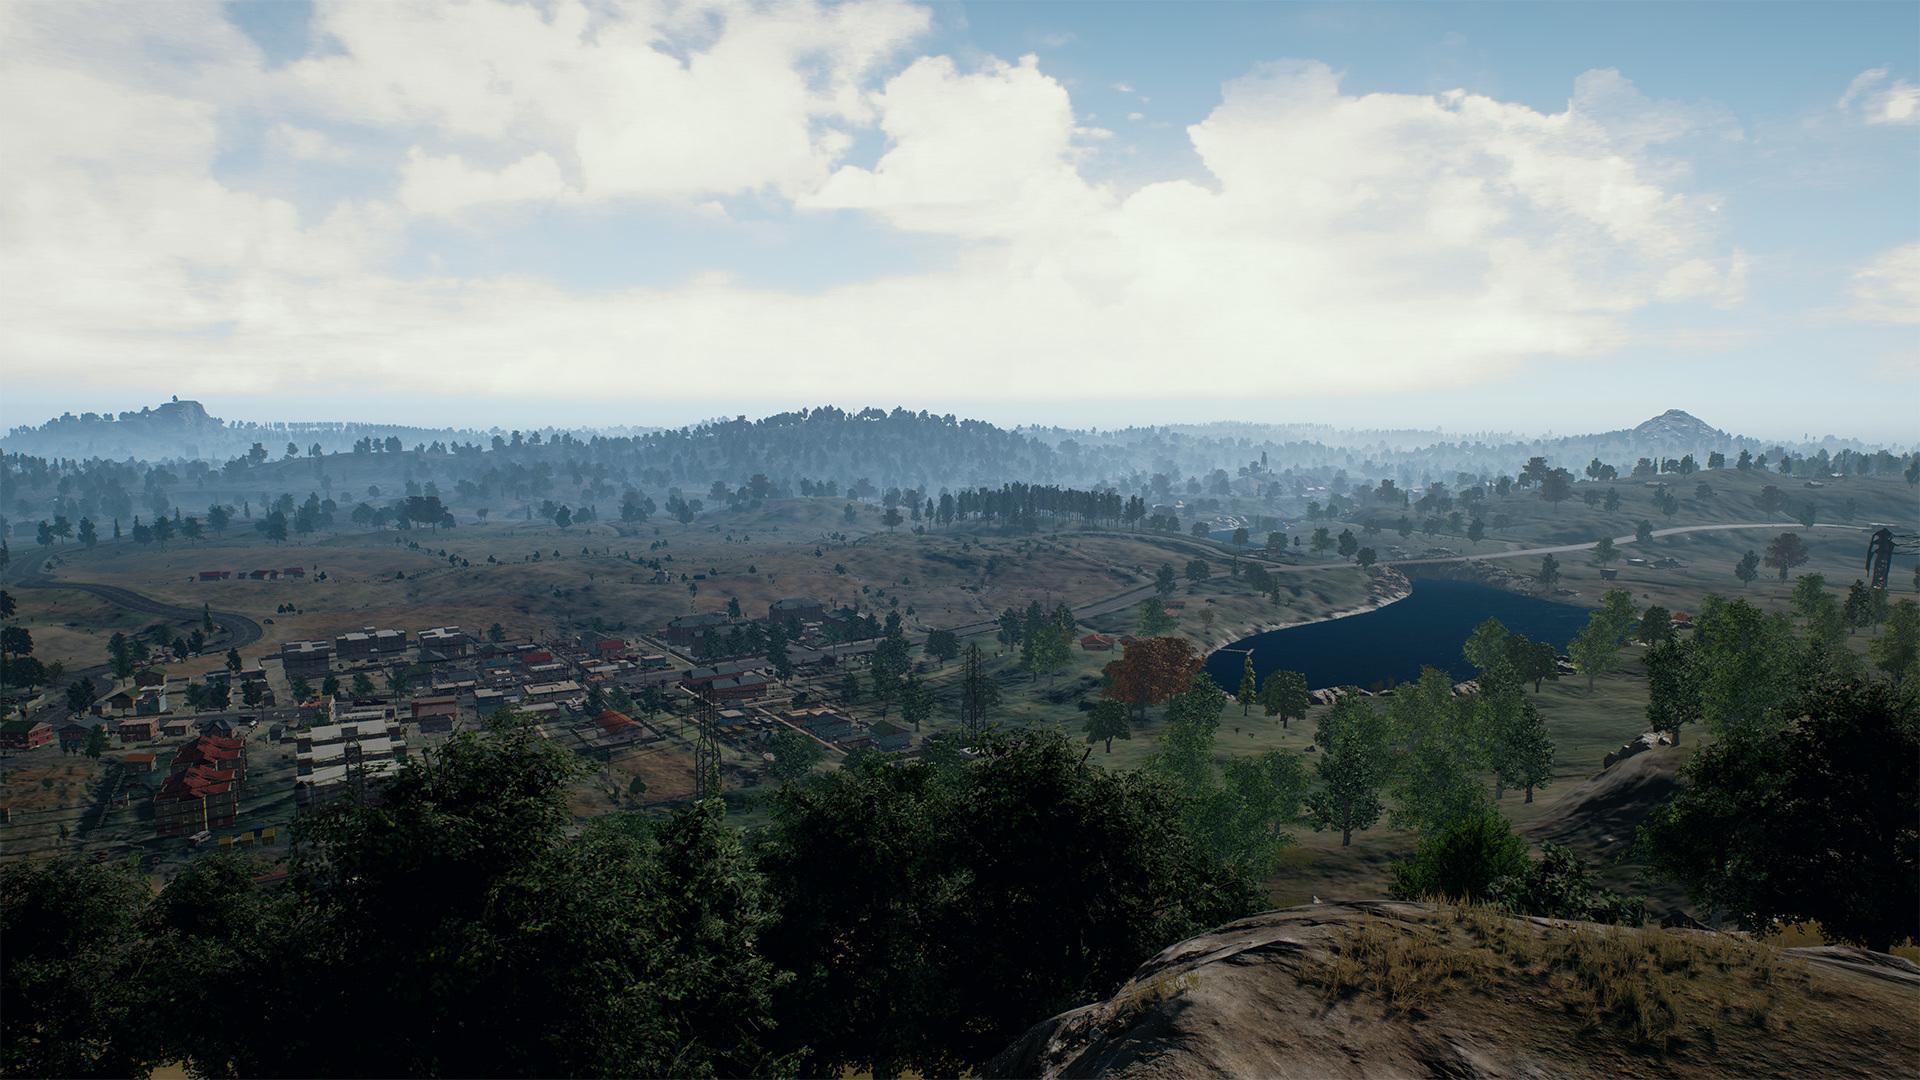 Pubg Playerunknowns Battlegrounds Background 33: PLAYERUNKNOWN'S BATTLEGROUNDS On Steam